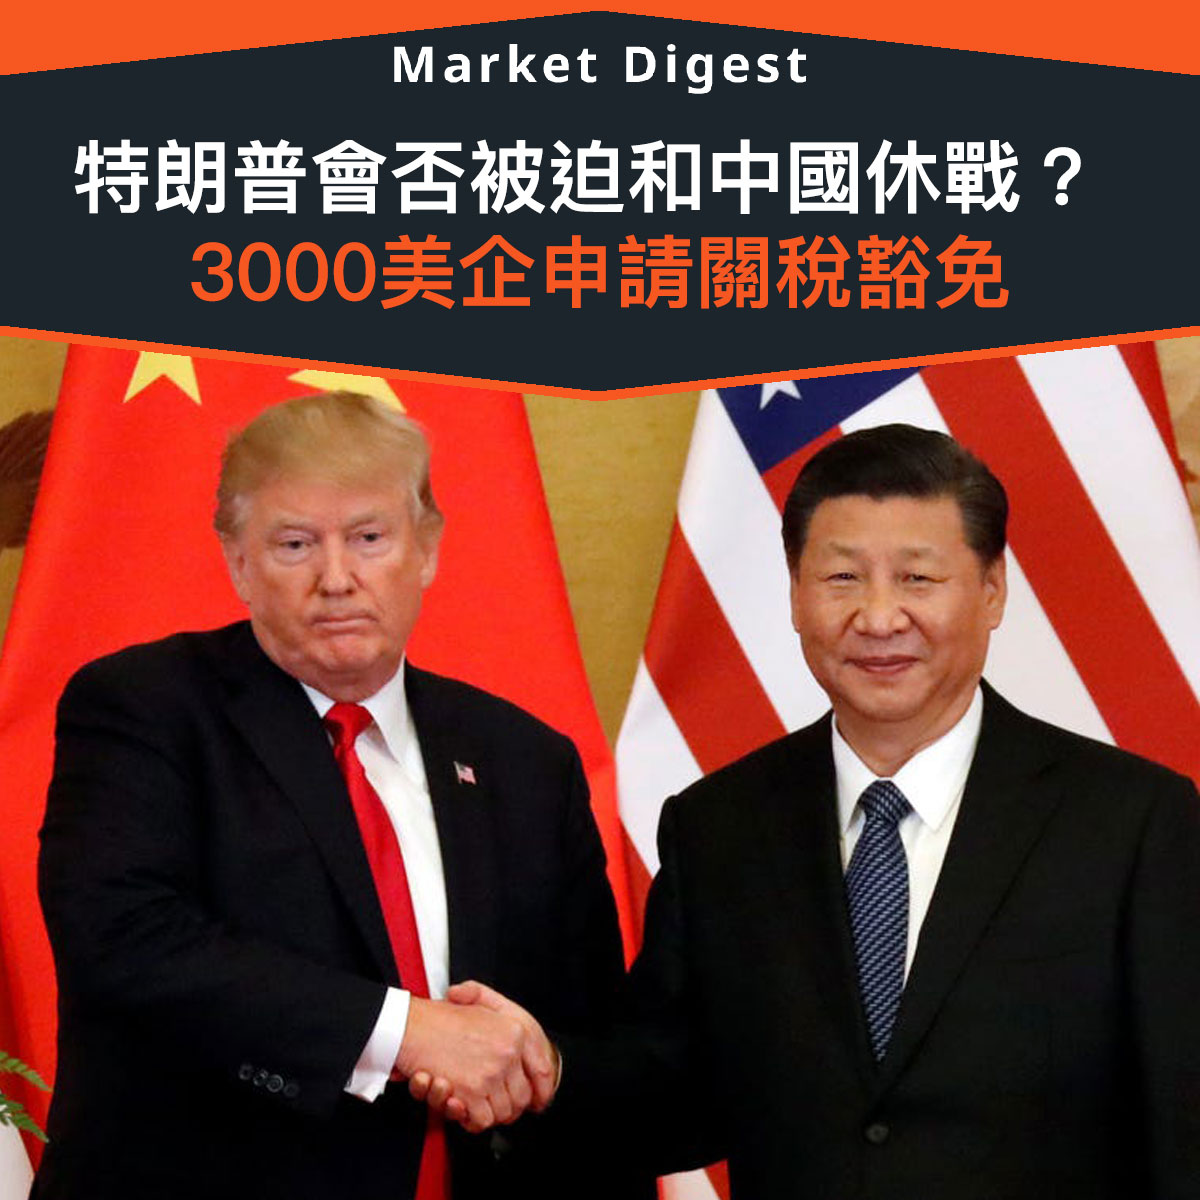 【市場熱話】特朗普會否被迫和中國休戰 3000美企申請關稅豁免